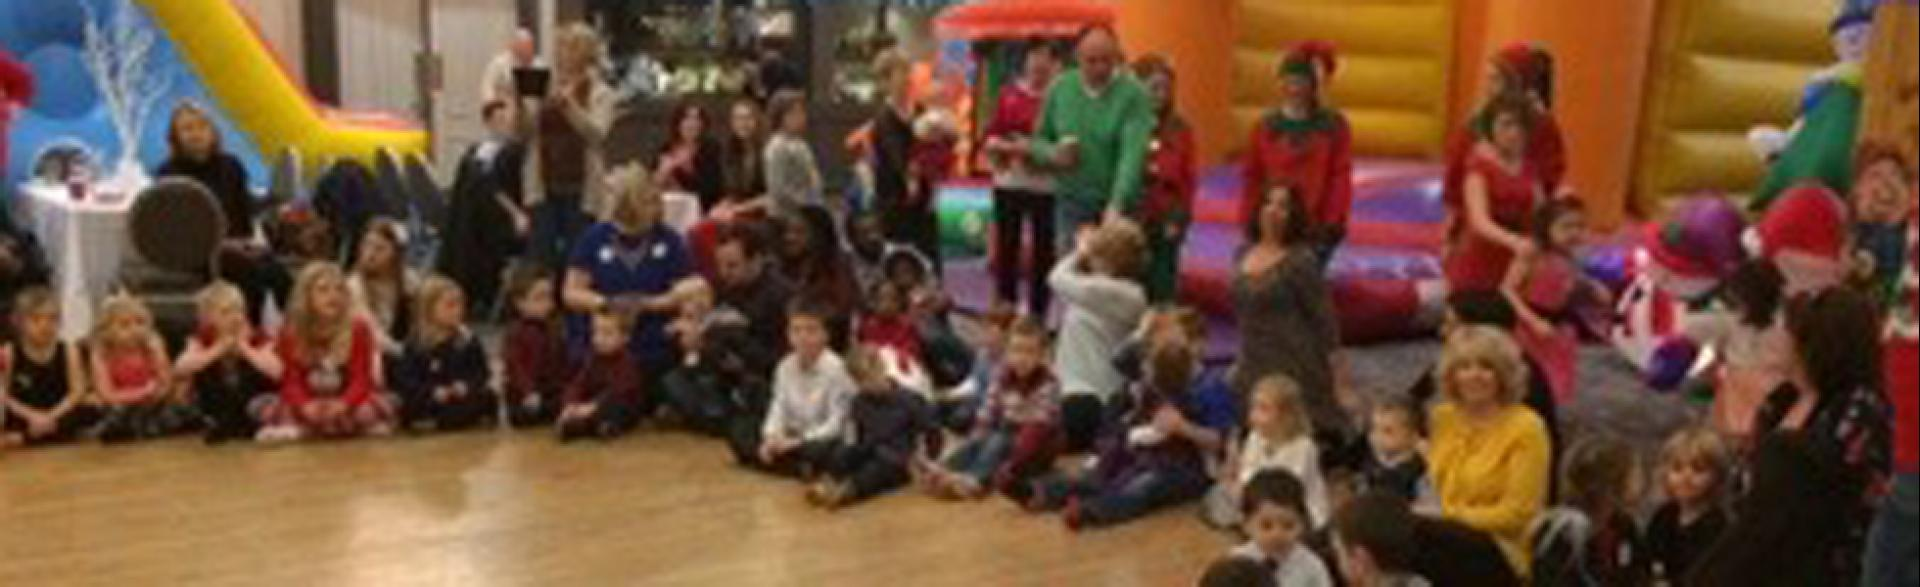 Corporate Fun Day, Aberdeen, December 2014